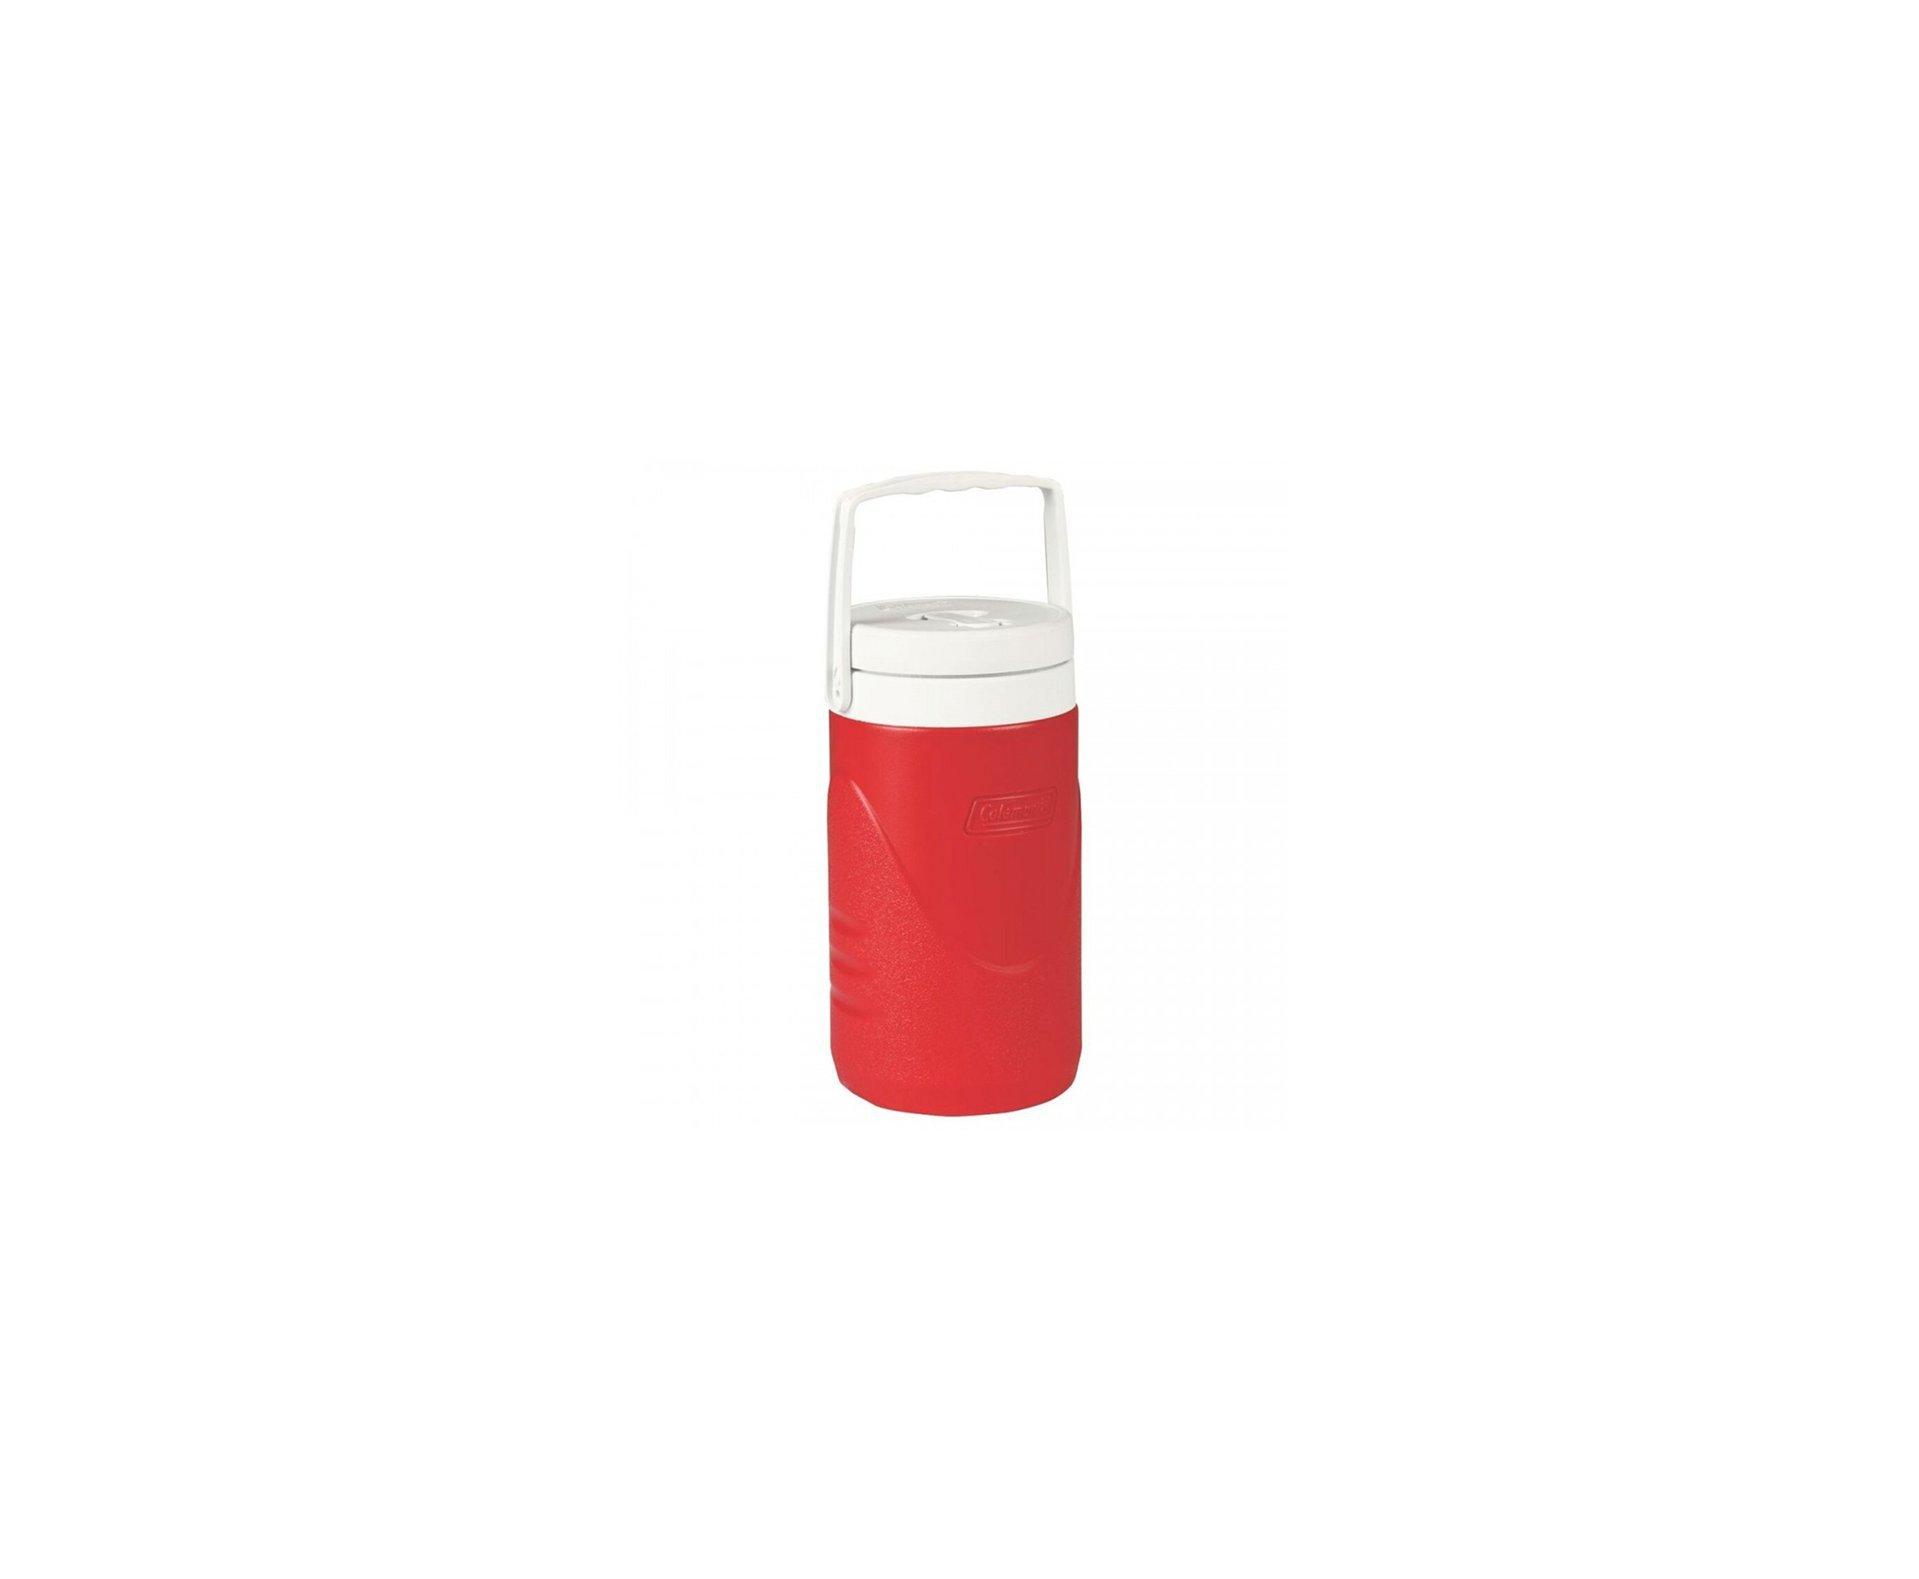 Jarra Térmica 1,8 Lts - Vermelha - Coleman